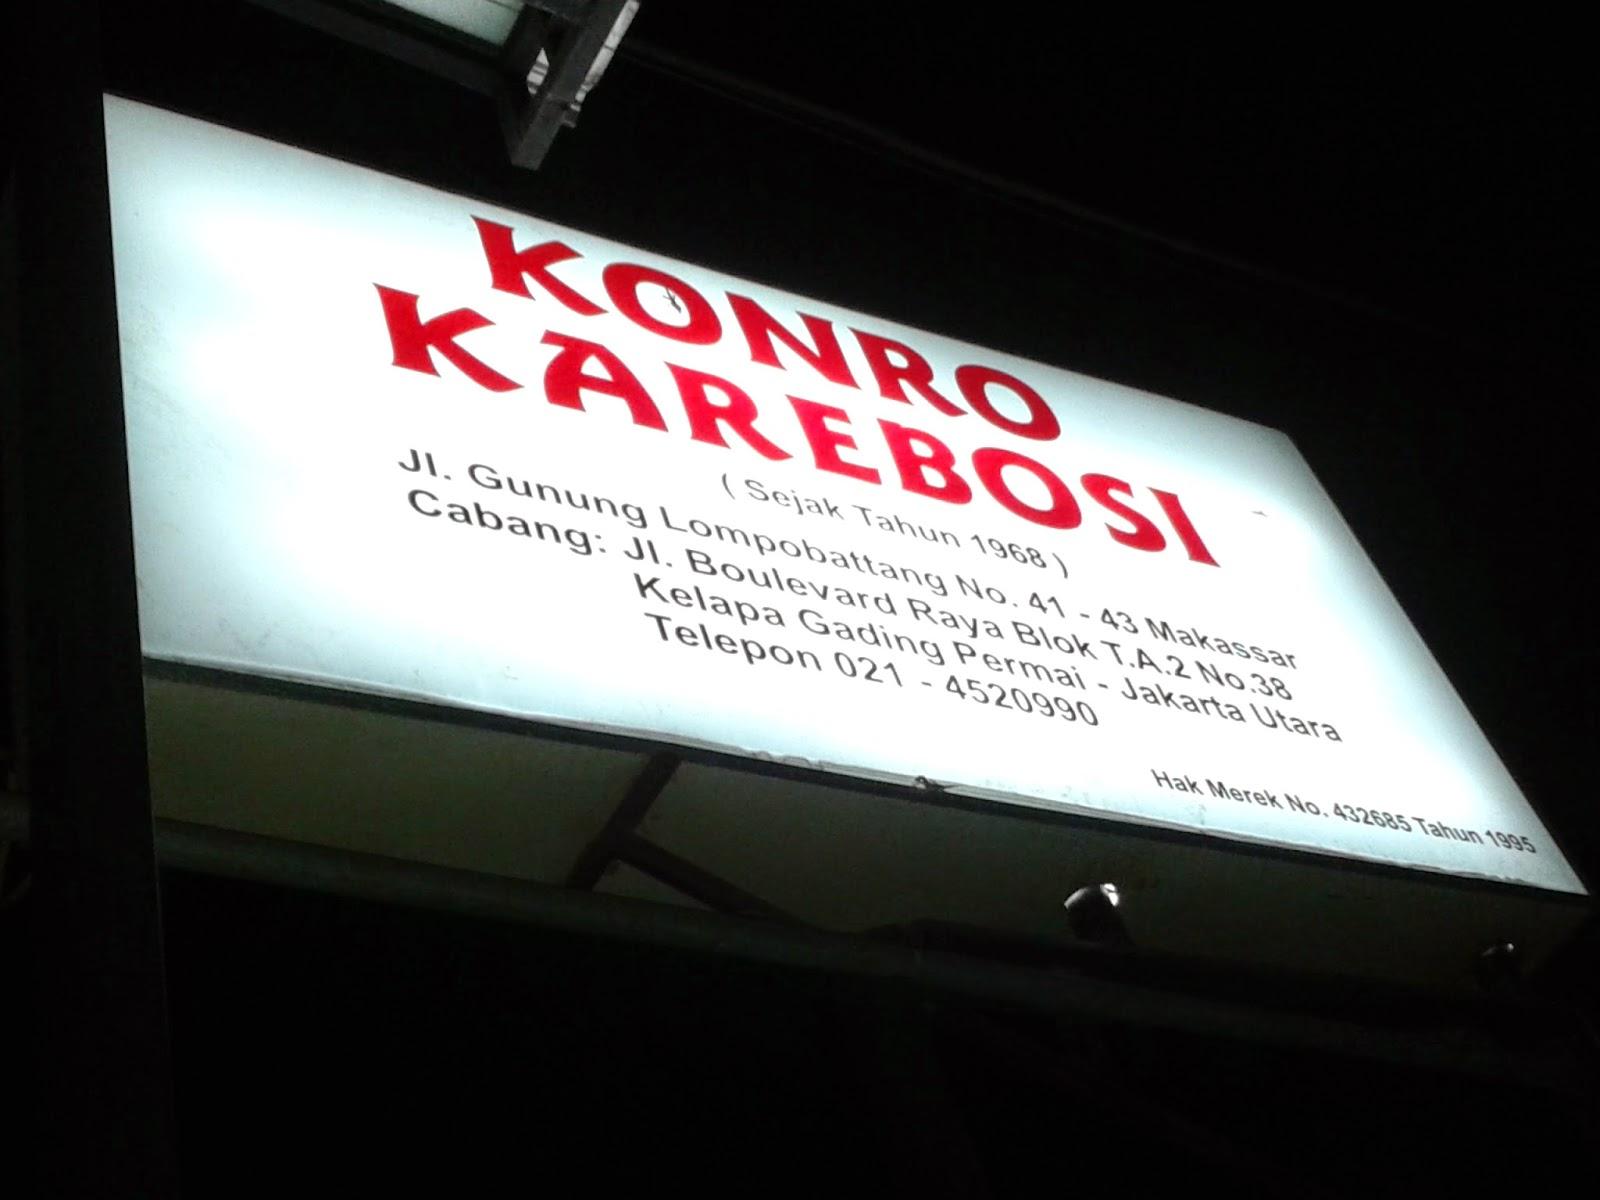 Konro Karebosi